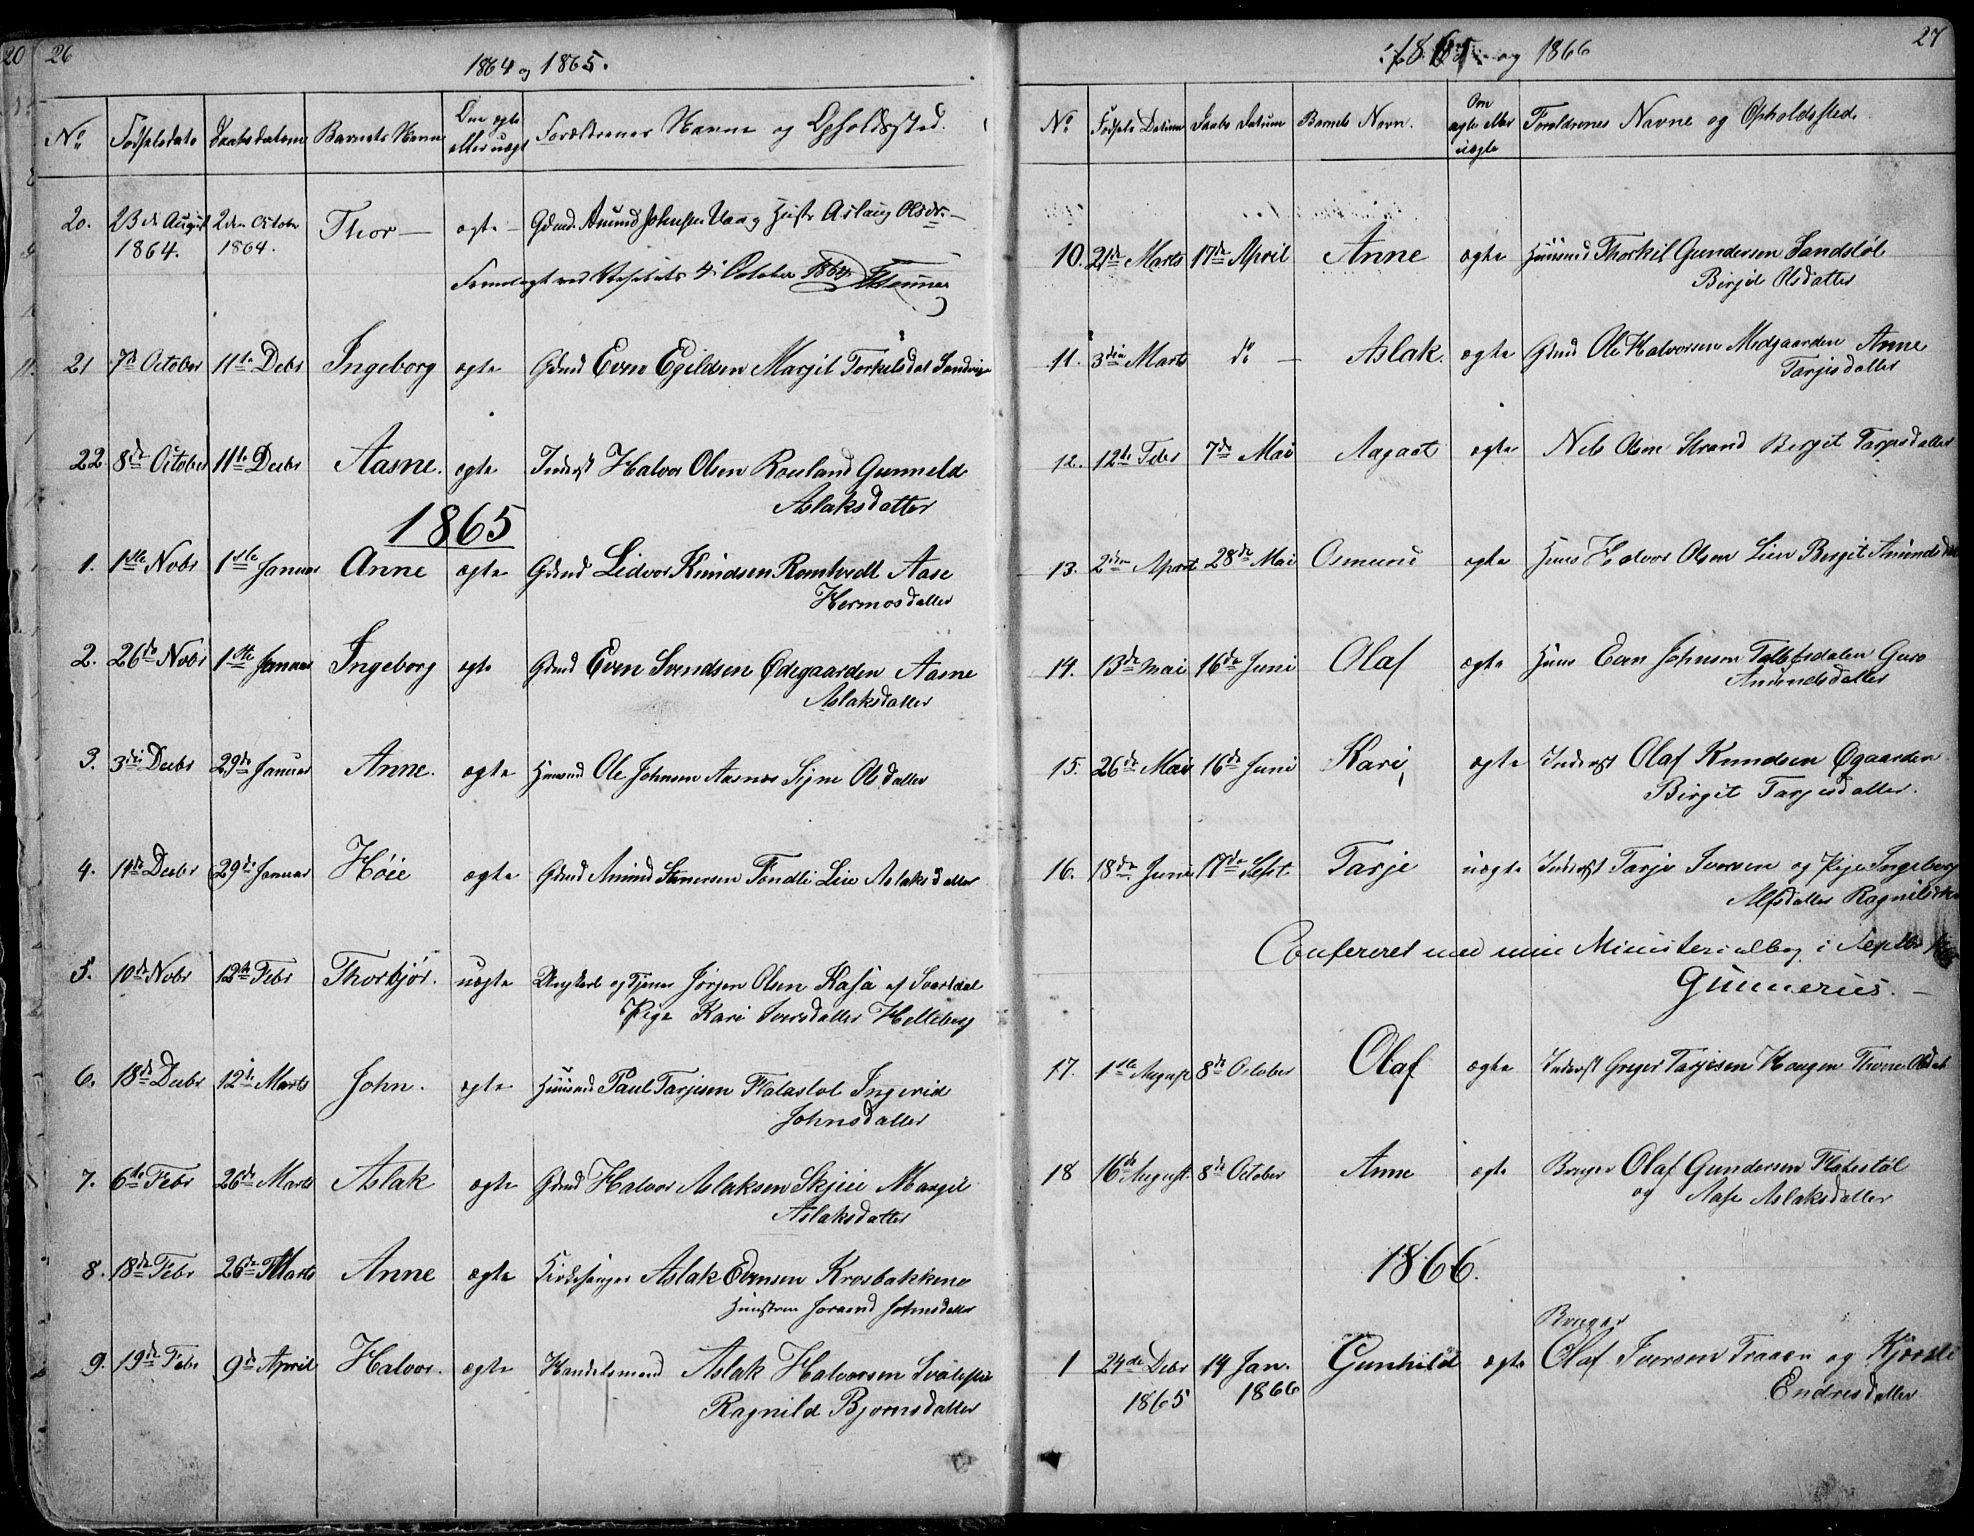 SAKO, Rauland kirkebøker, G/Ga/L0002: Klokkerbok nr. I 2, 1849-1935, s. 26-27